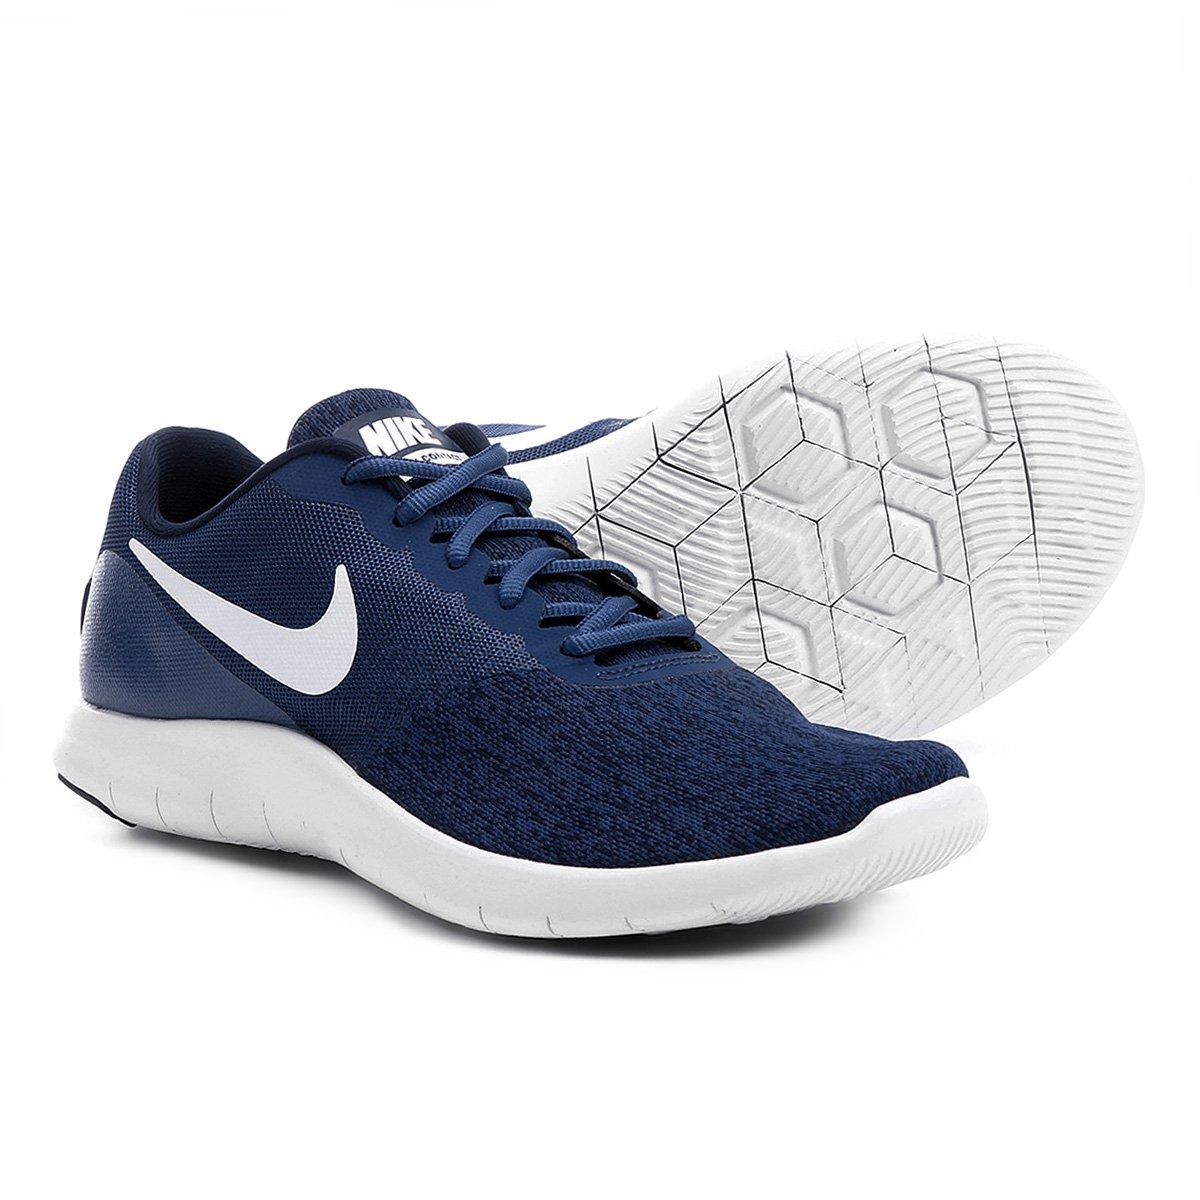 7bdc625704d Tênis Nike Flex Contact Masculino - Marinho e Branco - Compre Agora ...